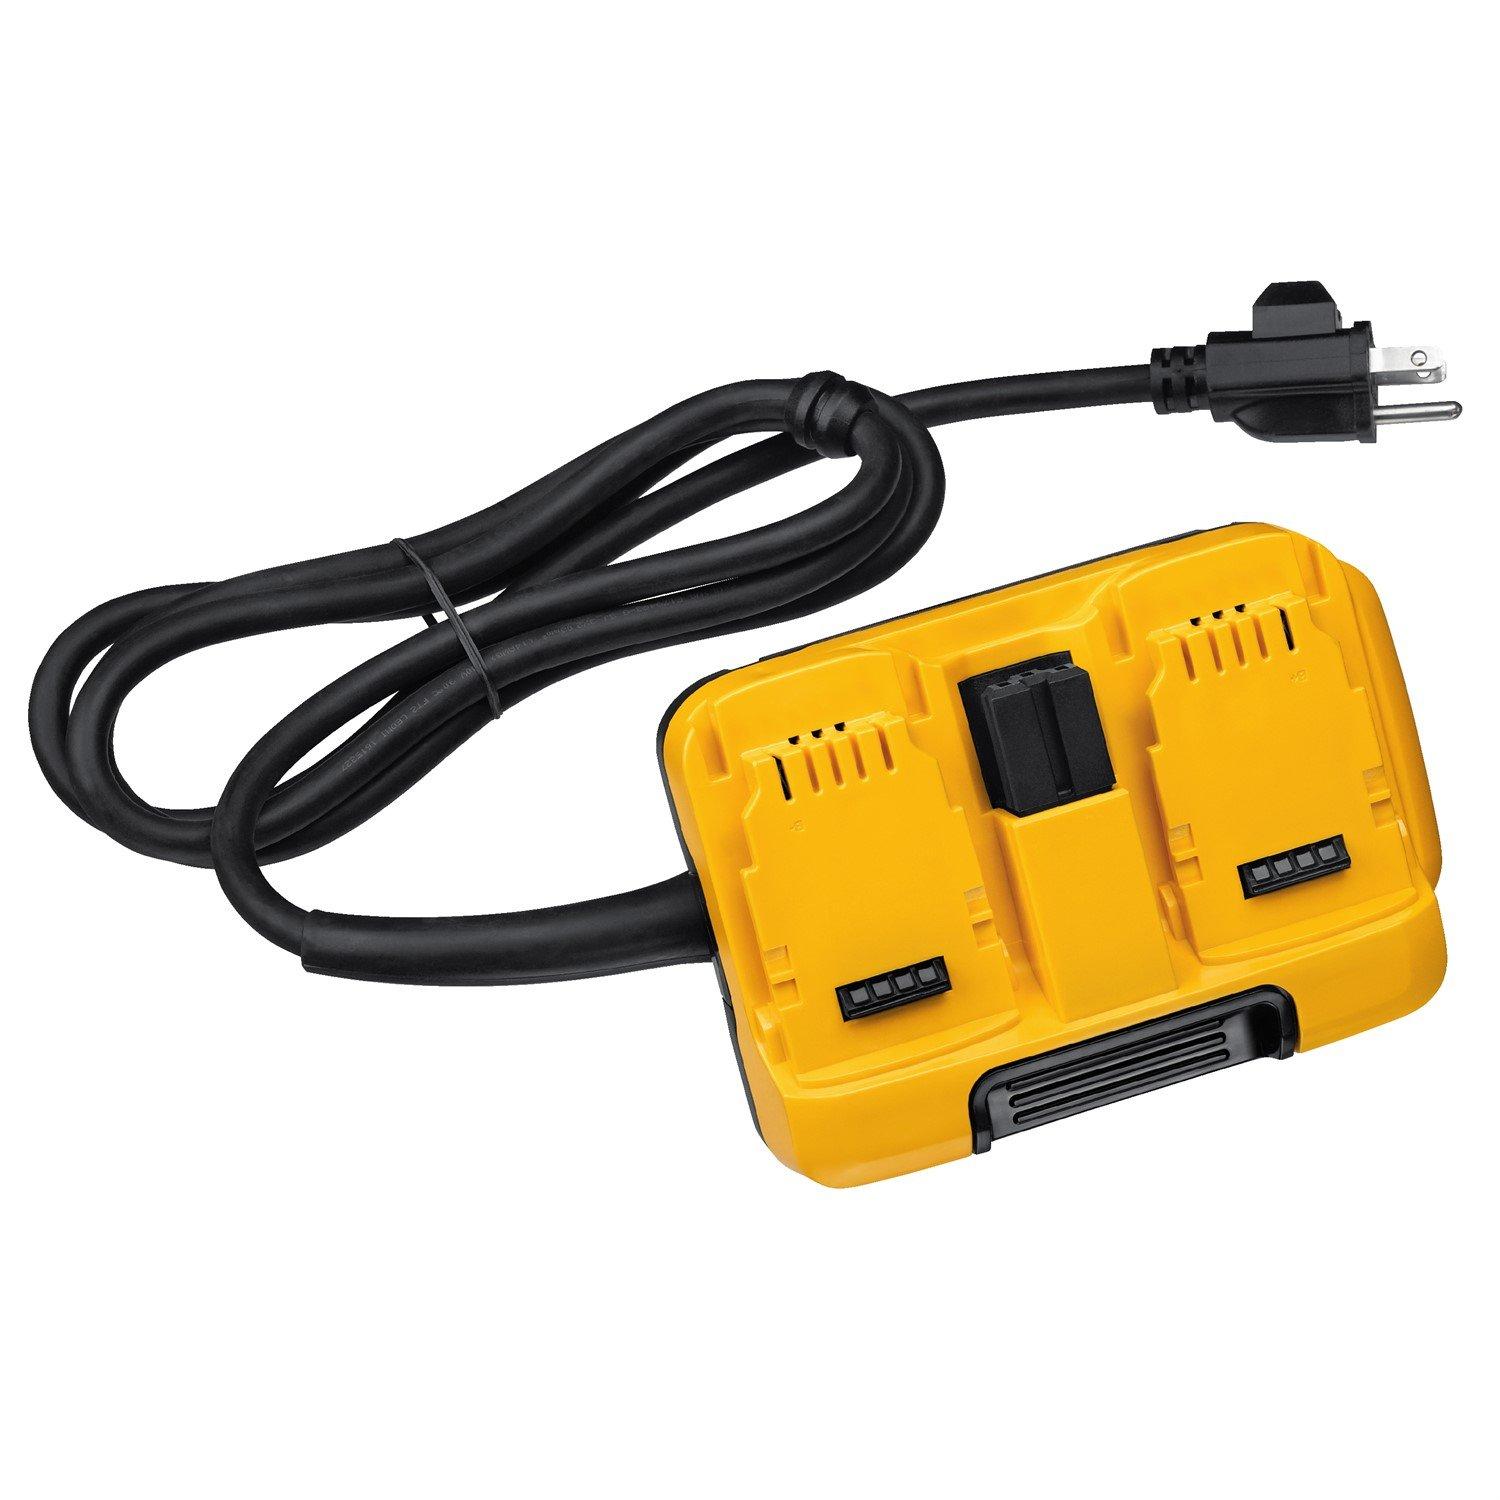 DEWALT DCA120 FLEXVOLT 120V Corded Power Supply Adaptor